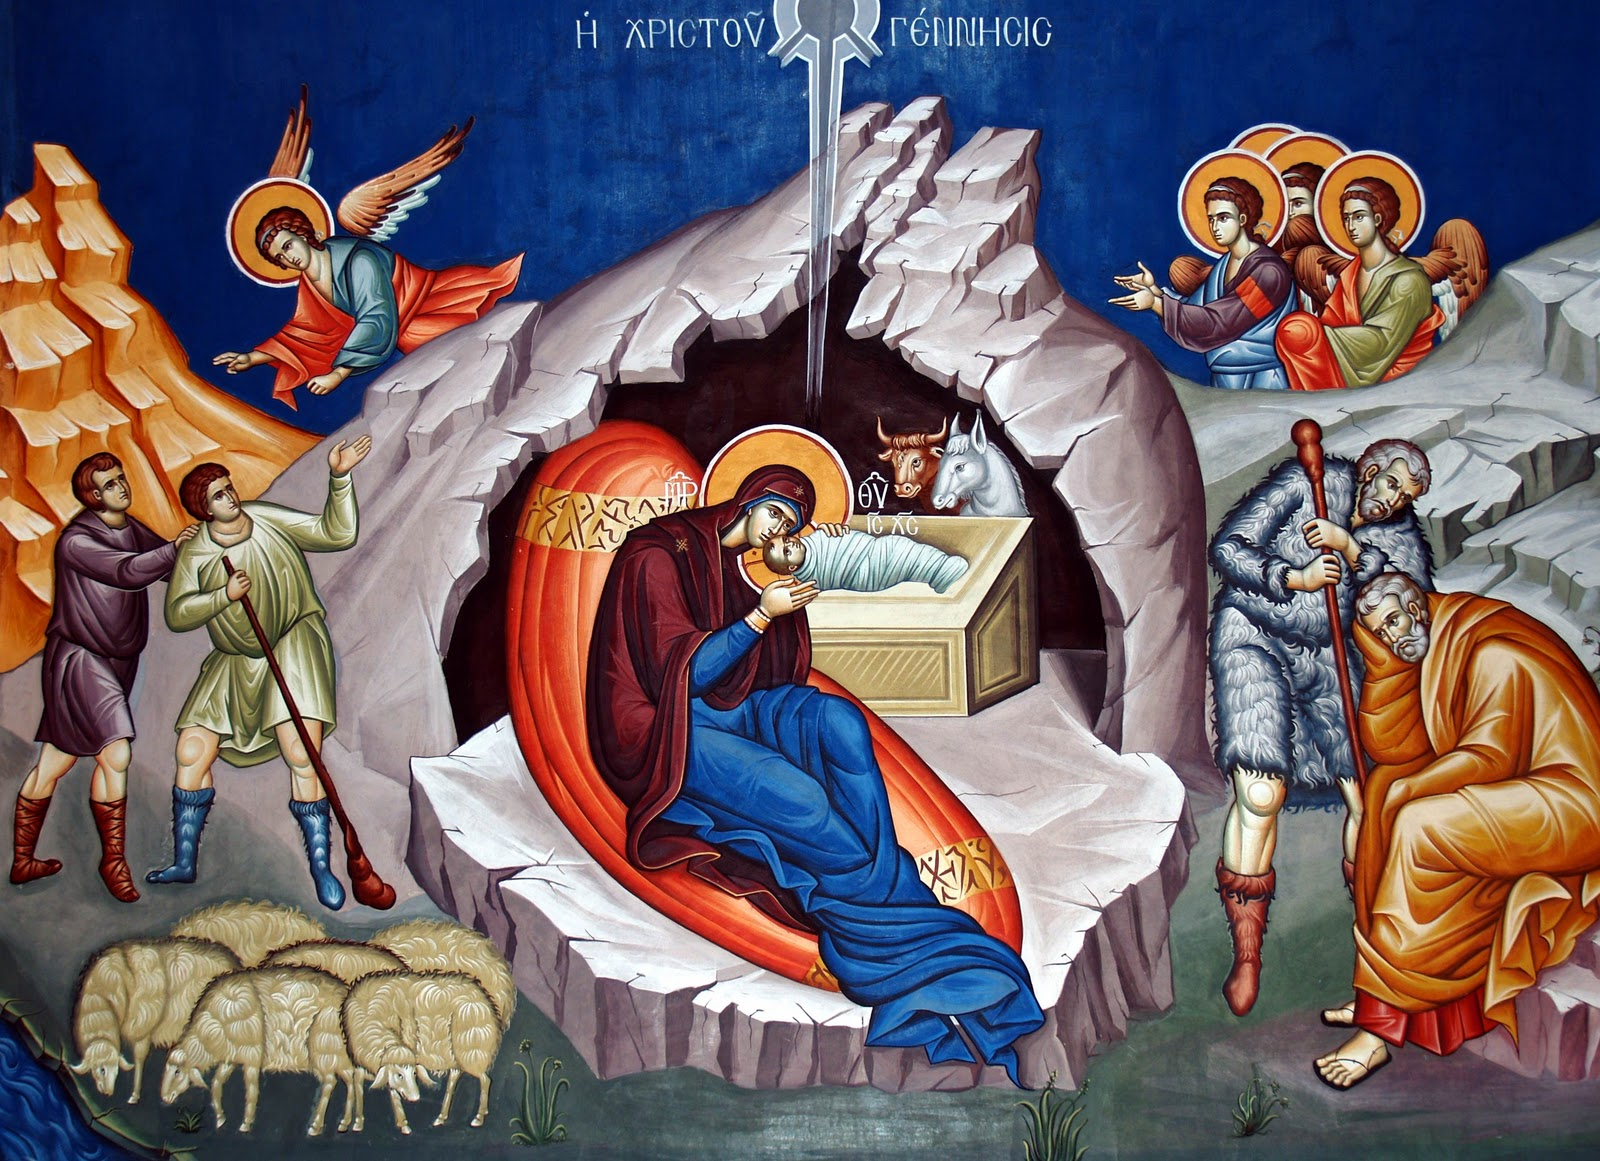 Ο Λάμπρος Ροϊλός προσπαθεί να εξηγήσει την μαγεία που ασκούν τα Χριστούγεννα και η πρωτοχρονιά στους ανθρώπους Χριστιανούς και αλλόθρησκους και στην εν γένει επίδραση τους στην μετά Χριστόν εποχή, παρά την αντίθεση των αυτοπροσδιοριζόμενων ως άθεων. new deal